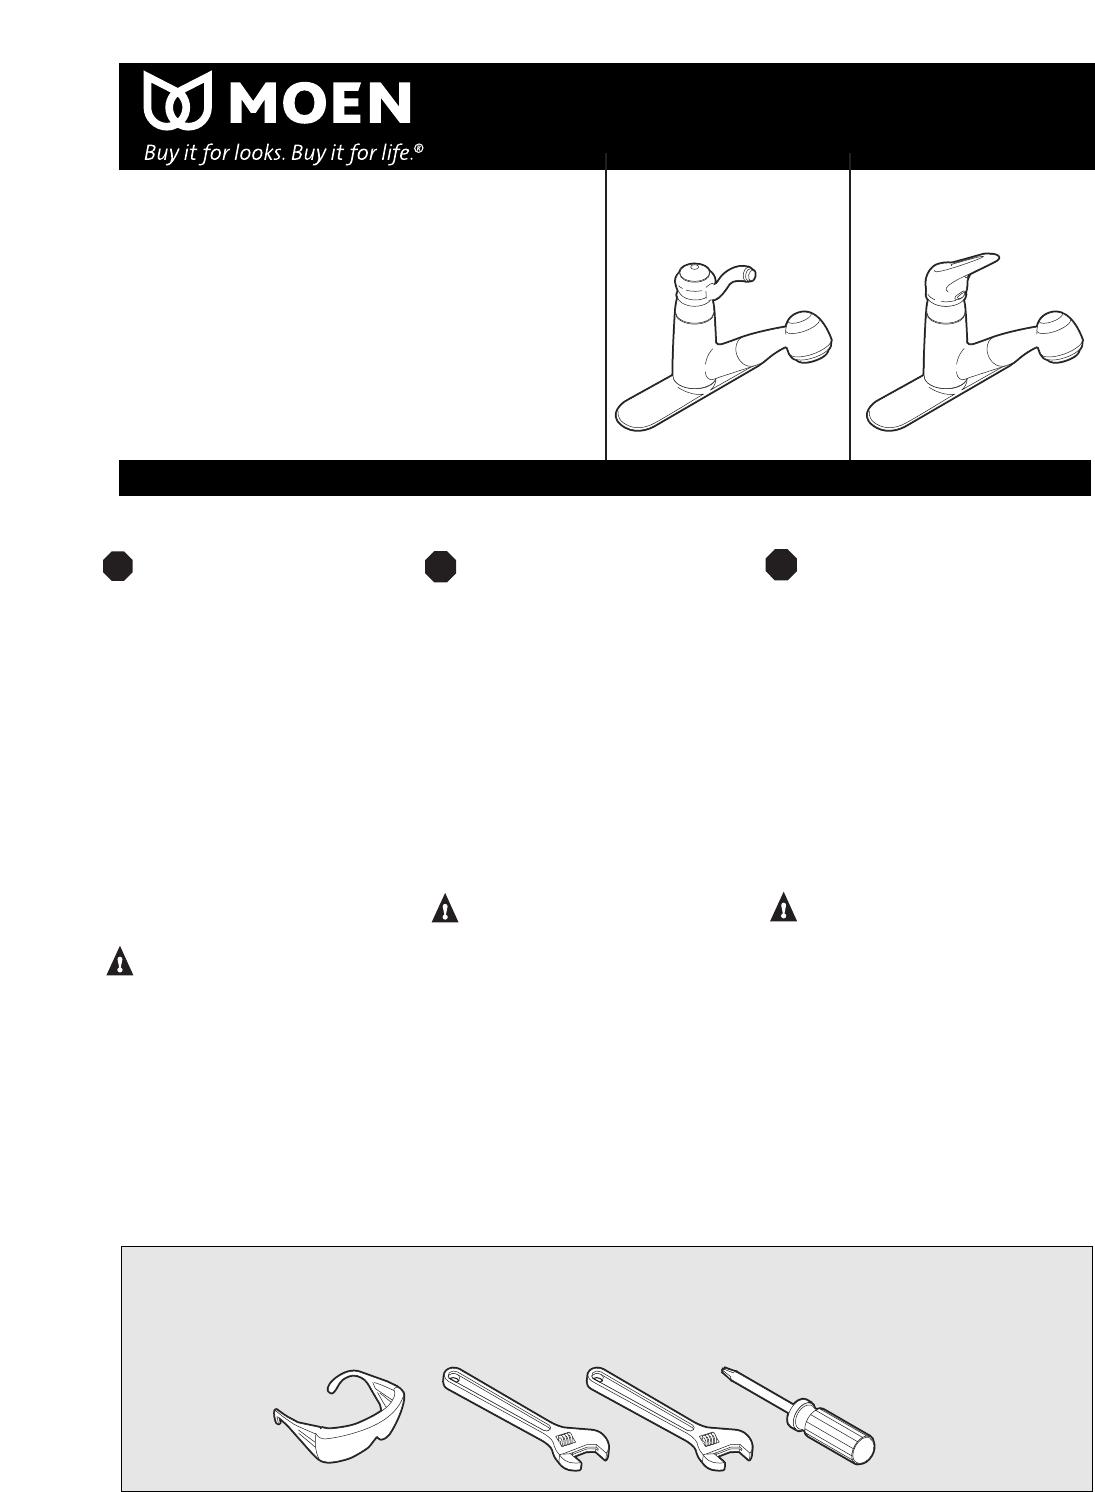 moen plumbing product 7575 user guide manualsonline com